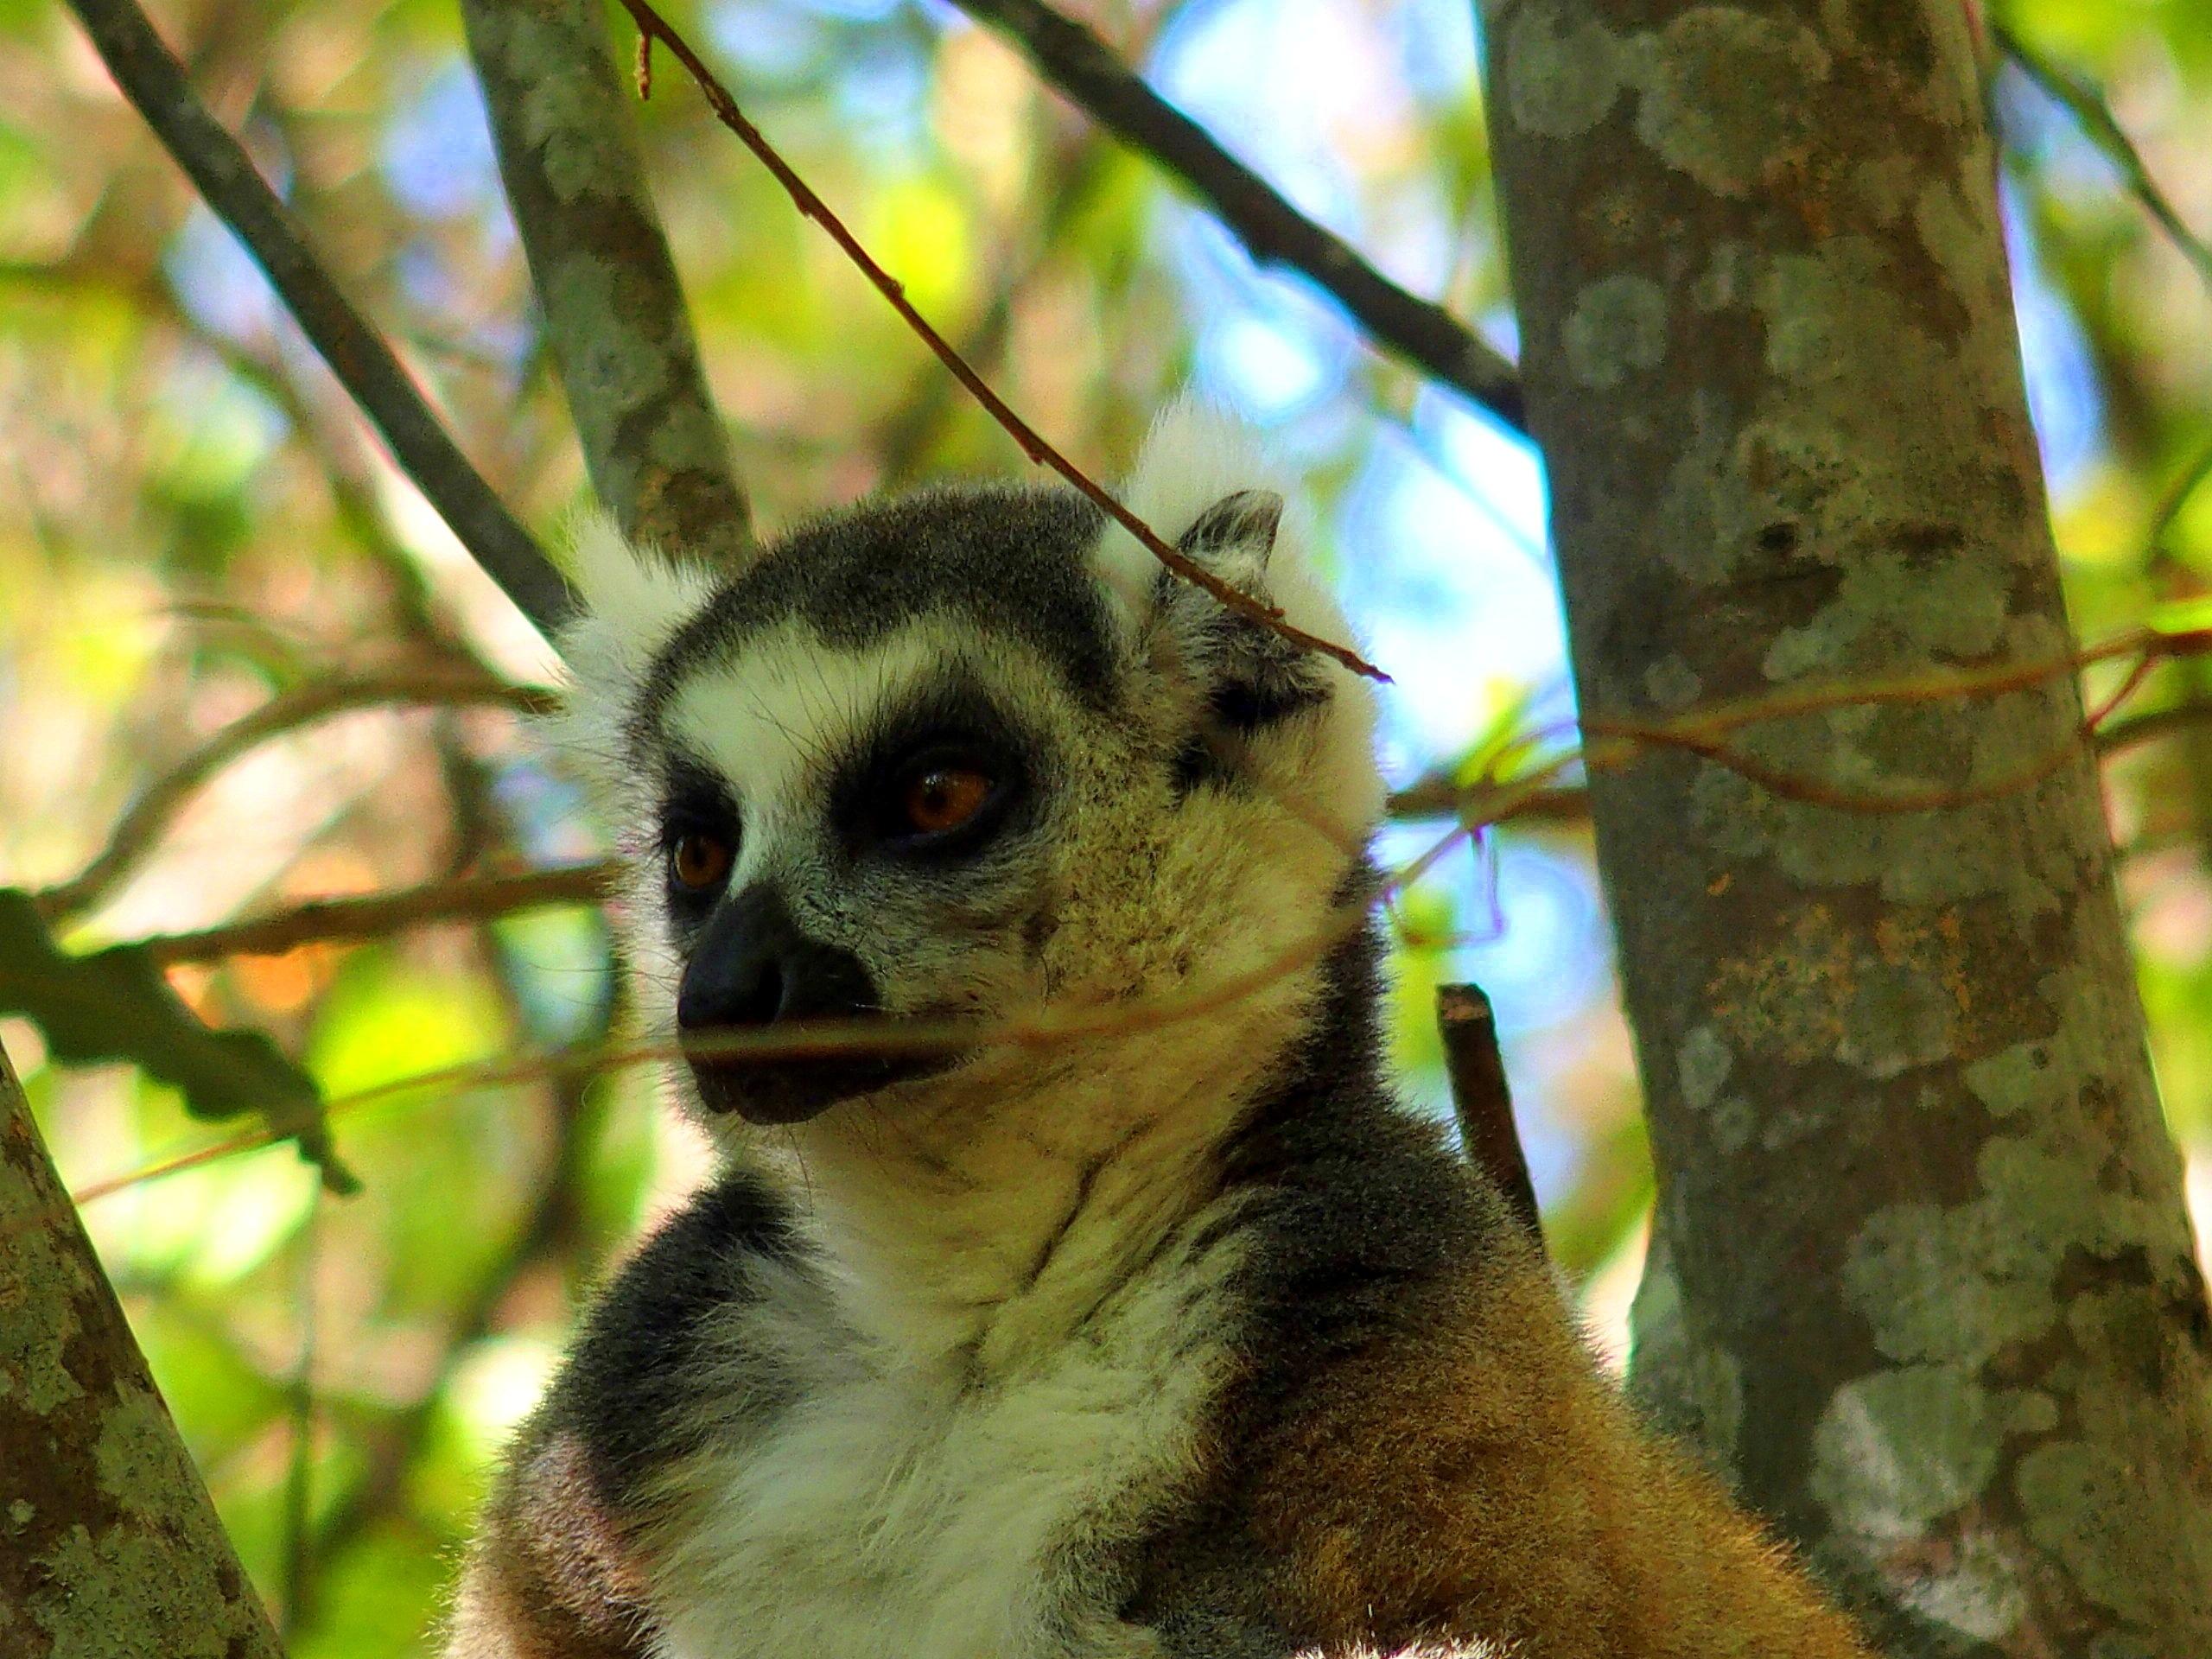 Tête de lémurien Madagascar.